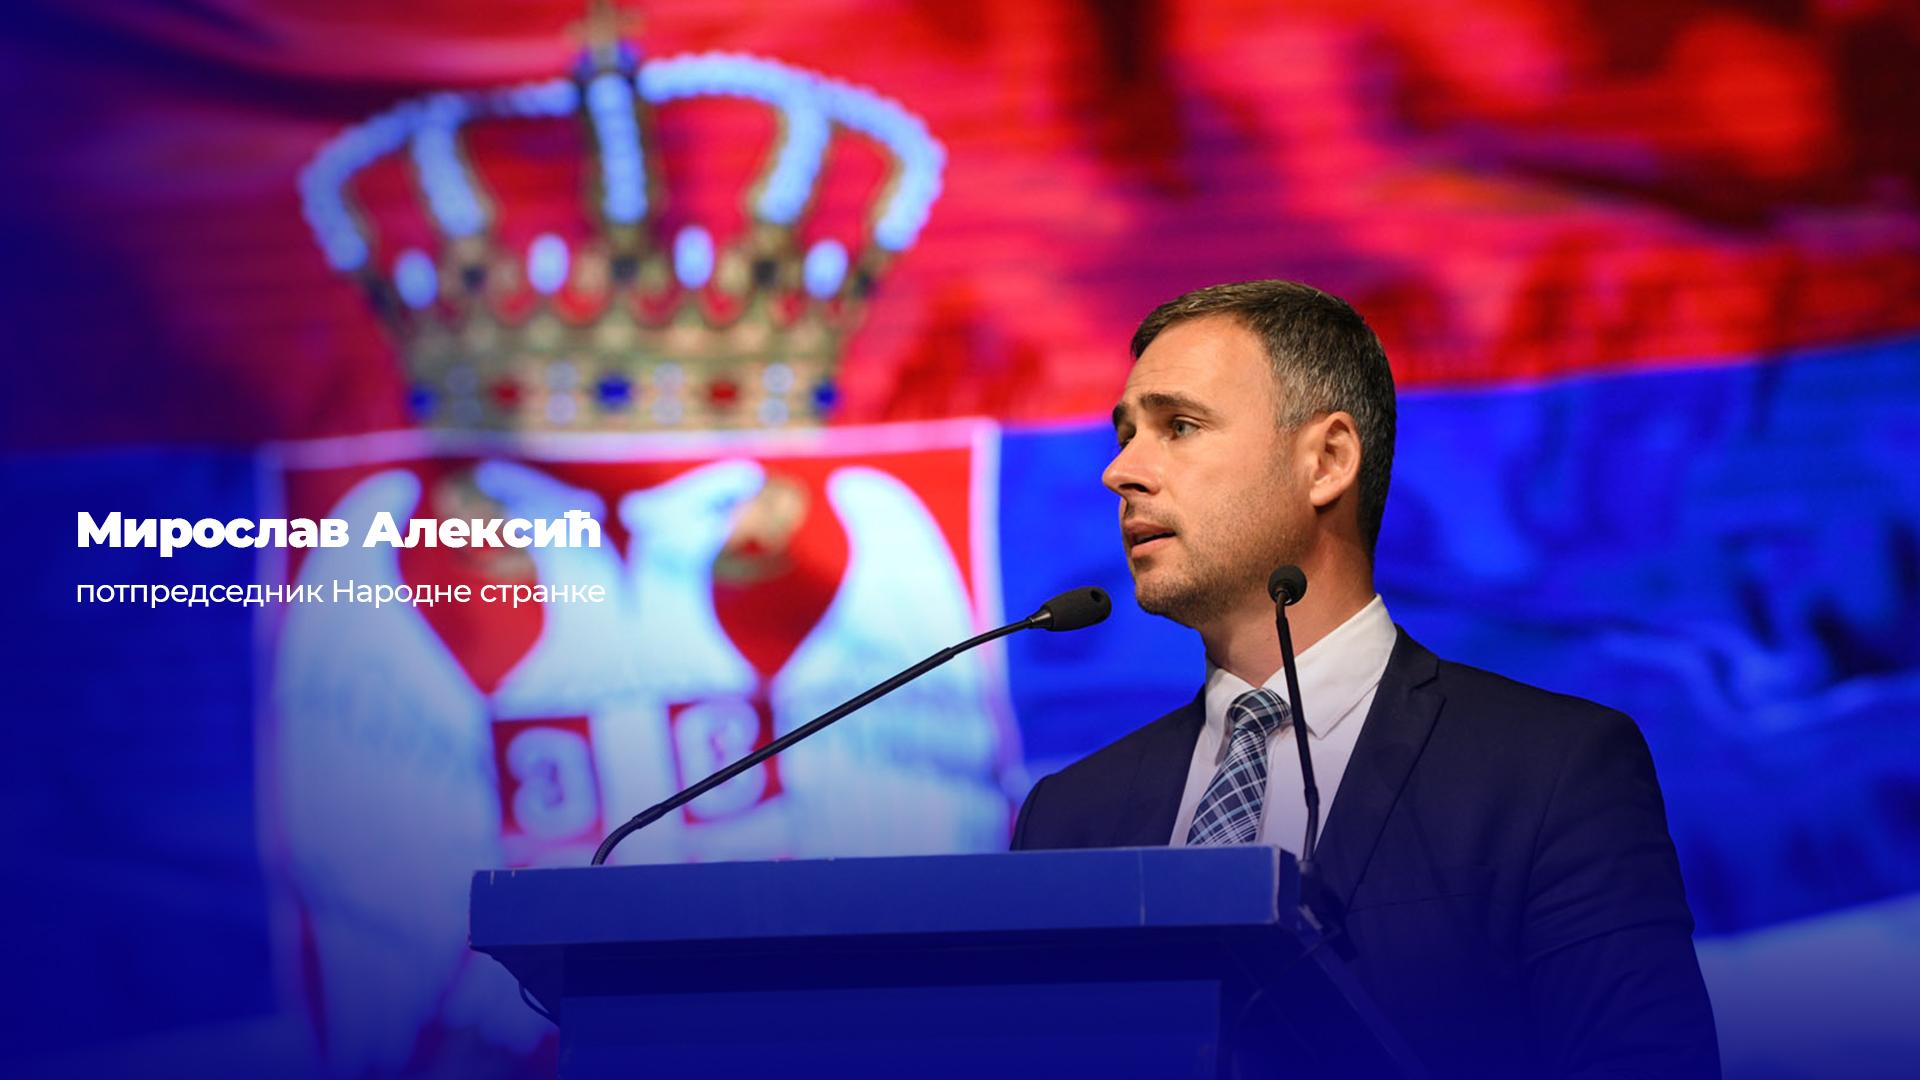 Мирослав Алексић